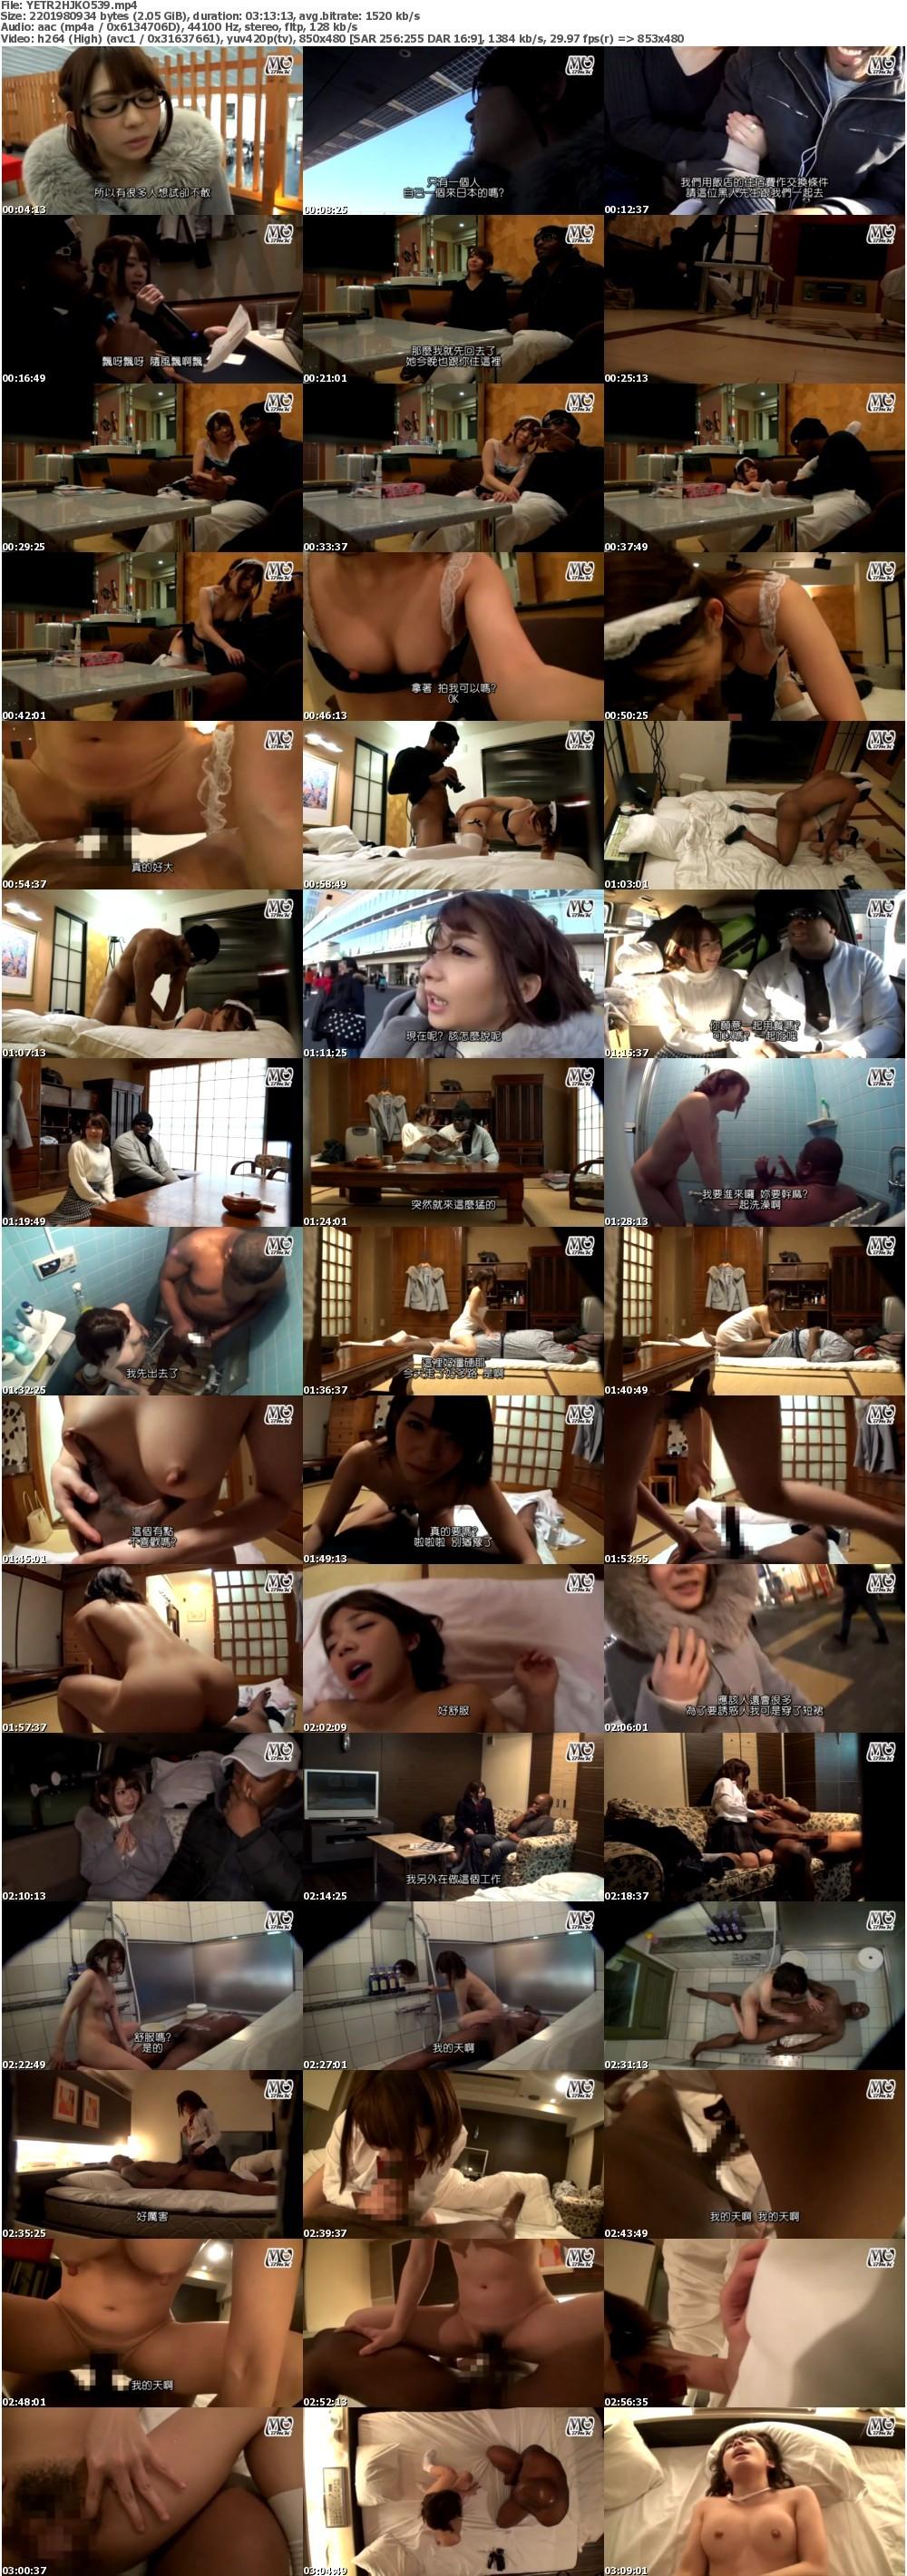 DANDY-539 「只要試過一次就會上癮!!麻里梨夏搭訕來日本旅行的巨屌黑人無套中出性交」[中文字幕]